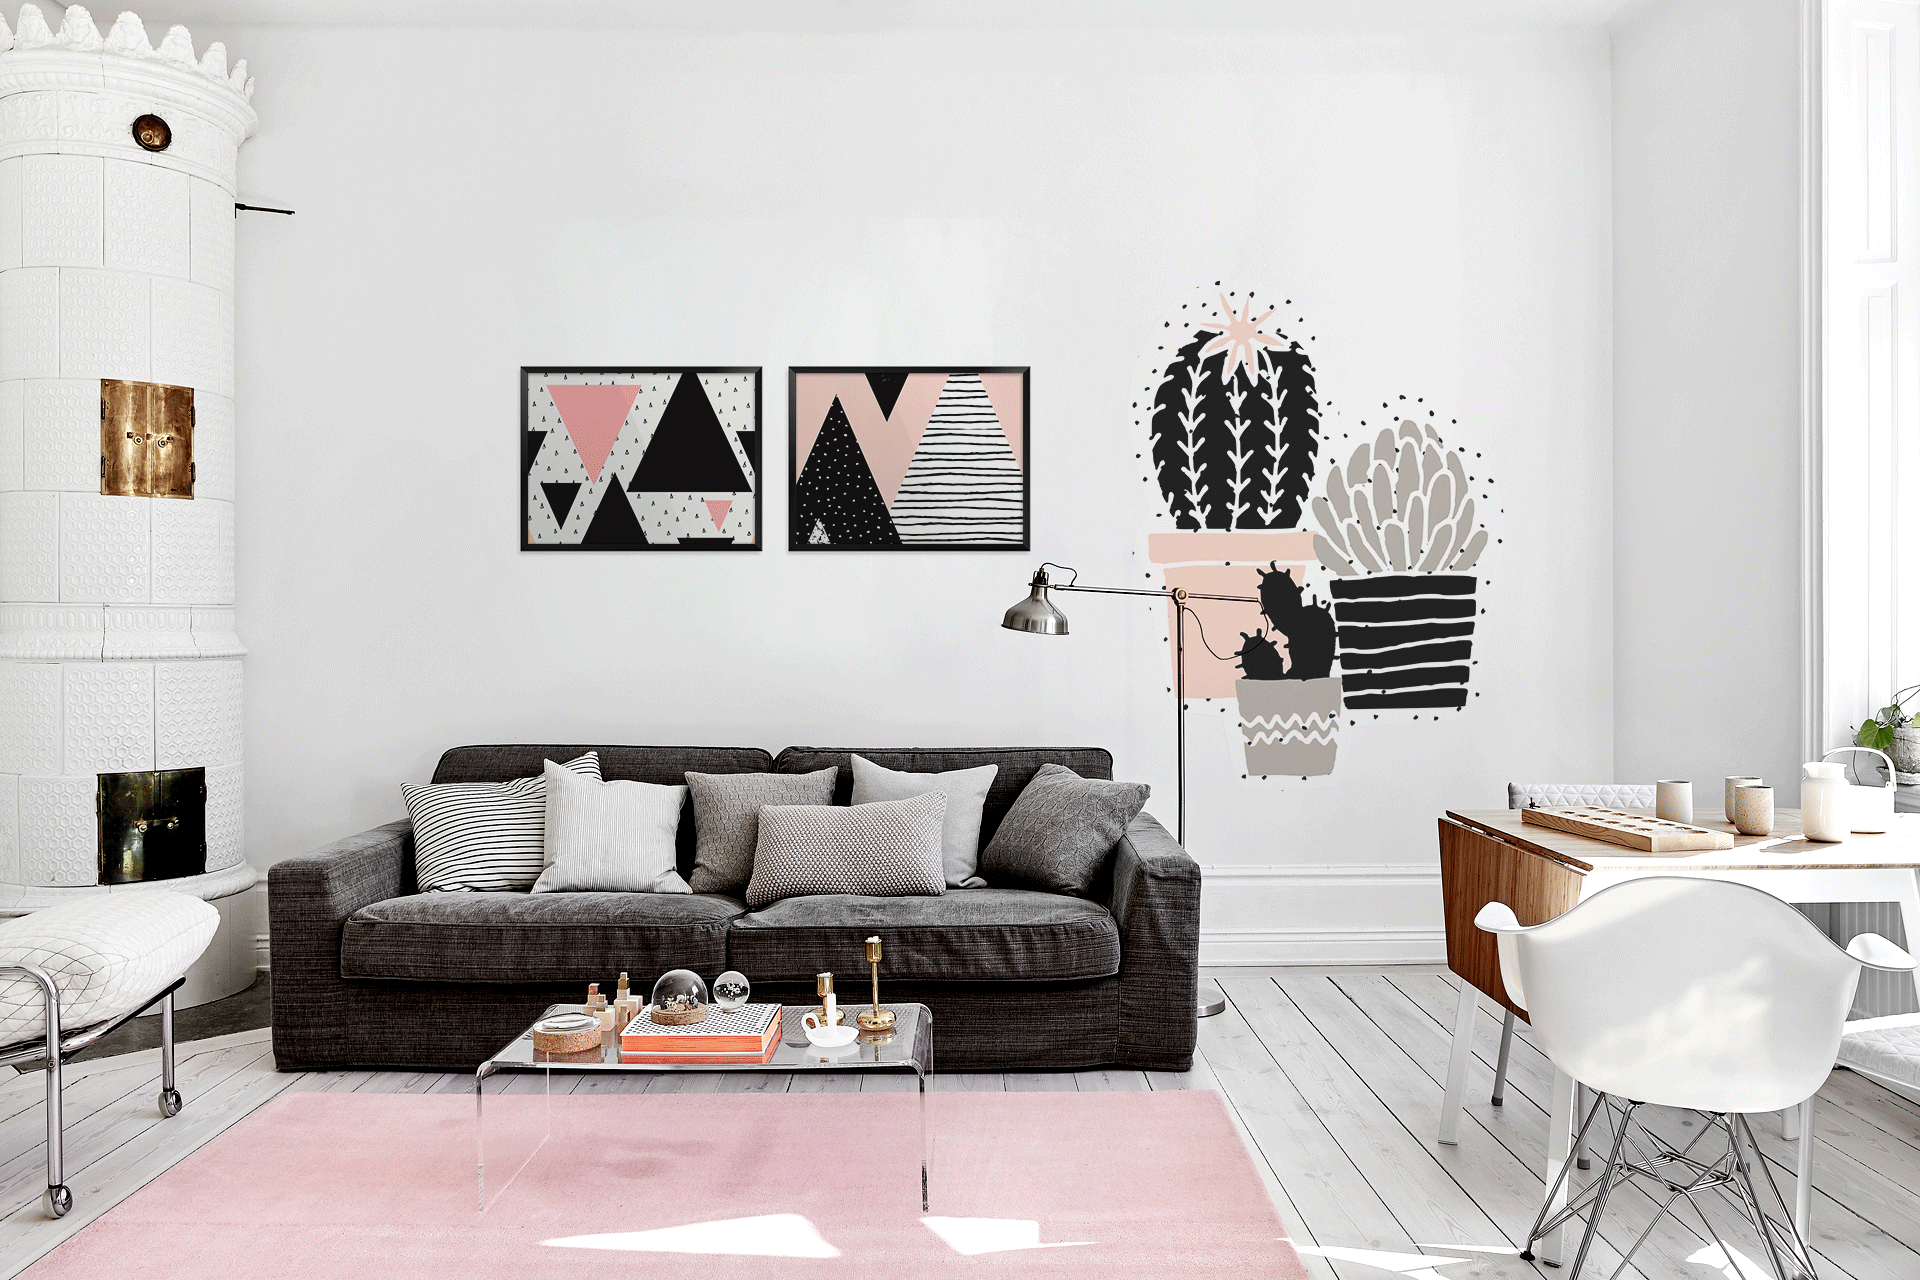 Wohnraum gestalten: 8 goldene Regeln, die du unbedingt beachten solltest